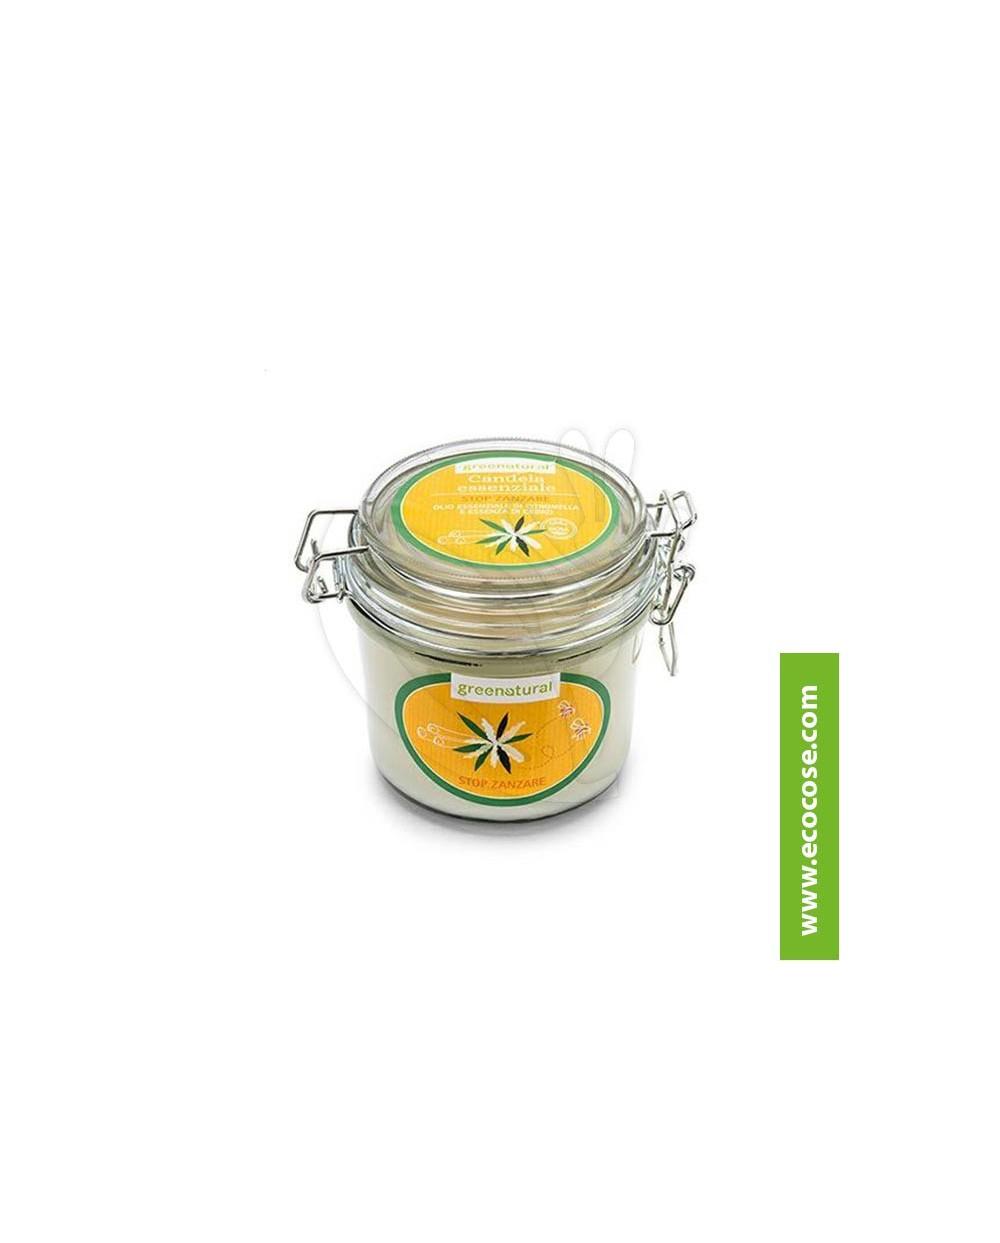 Greenatural - Candela essenziale STOP ZANZARE - Cedro e Citronella 200GR